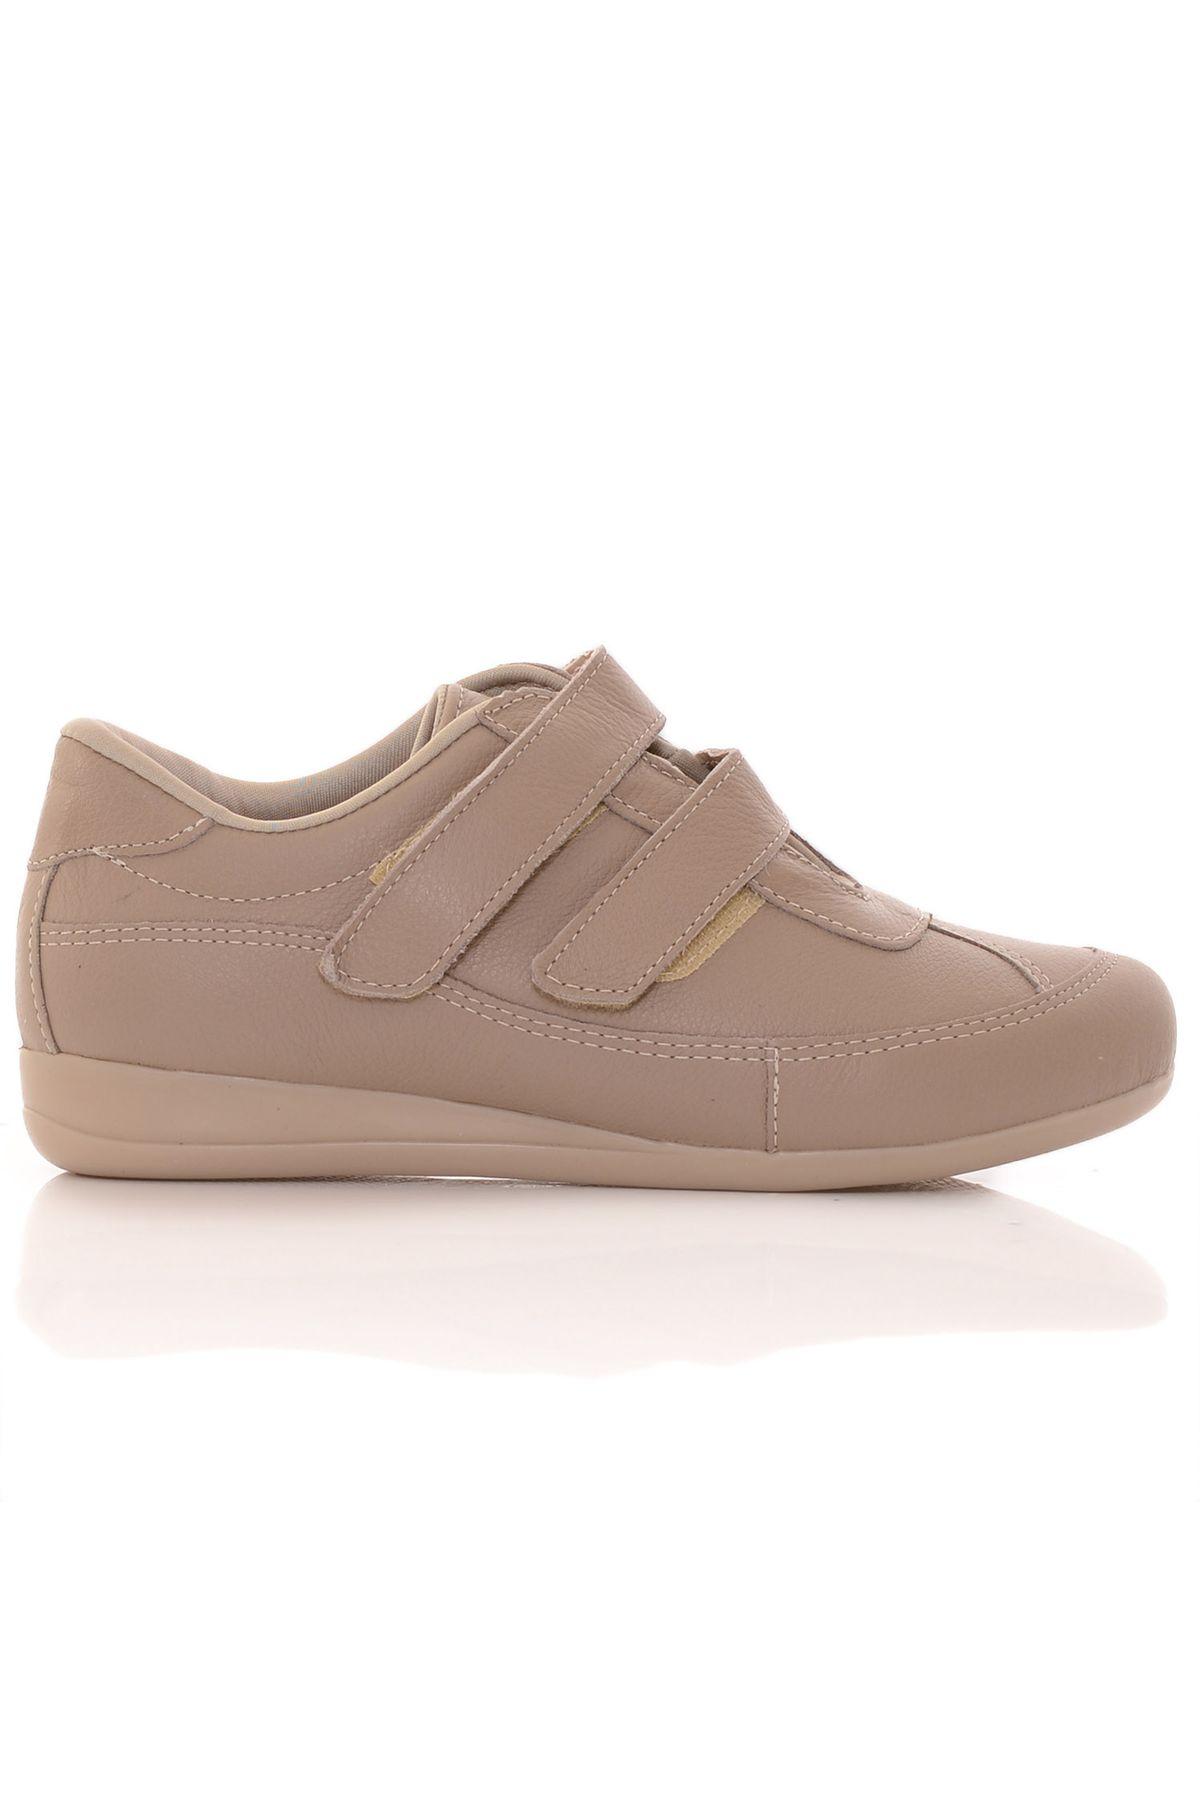 ec02b0b4f Tênis Feminino Casual Marina Mello | Mundial Calçados - Mundial Calçados